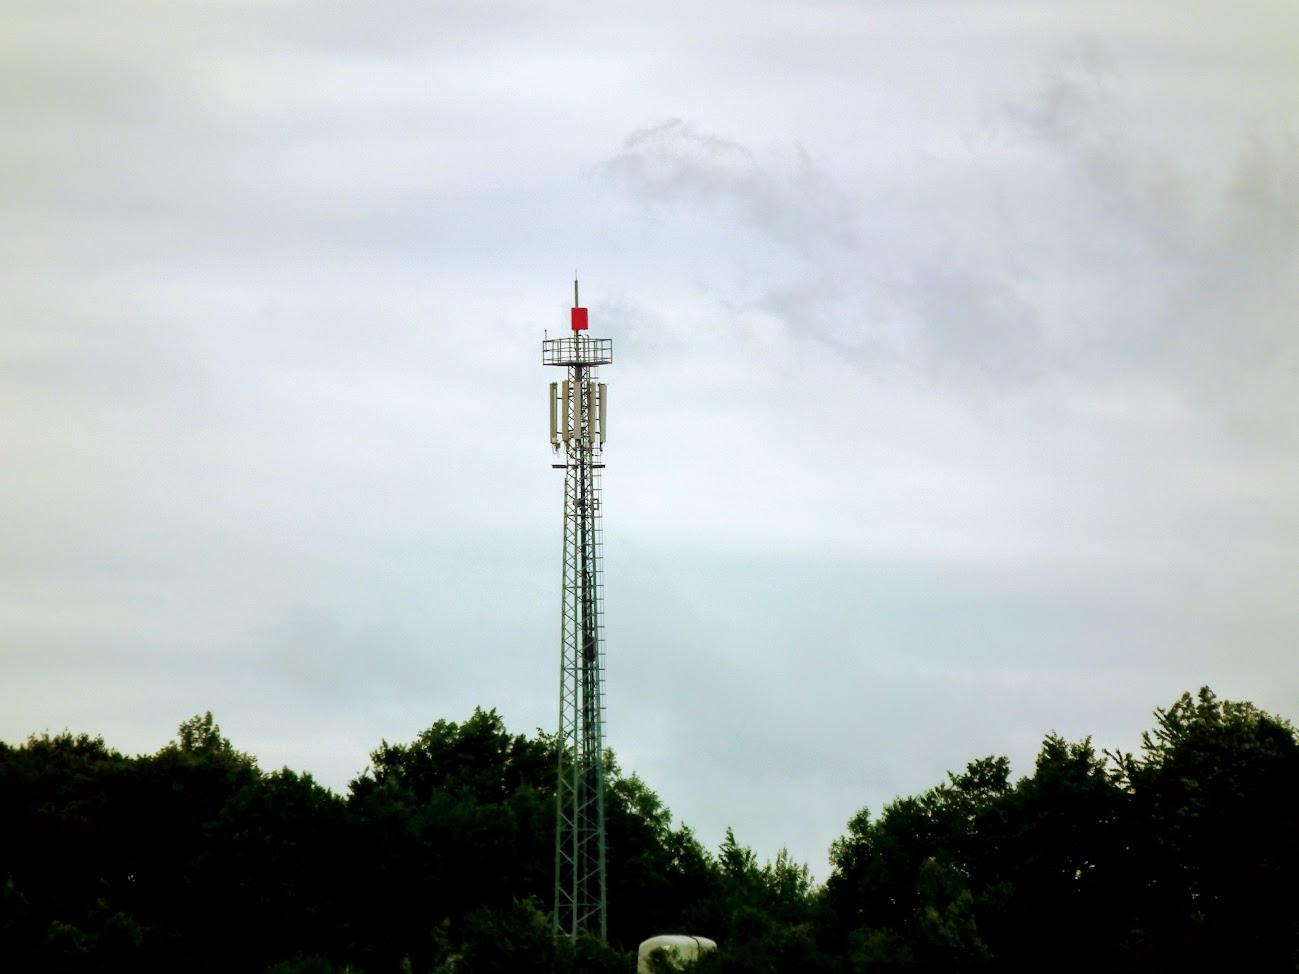 Pénzesgyőr/Gombás-hegy - DVB-T gapfiller